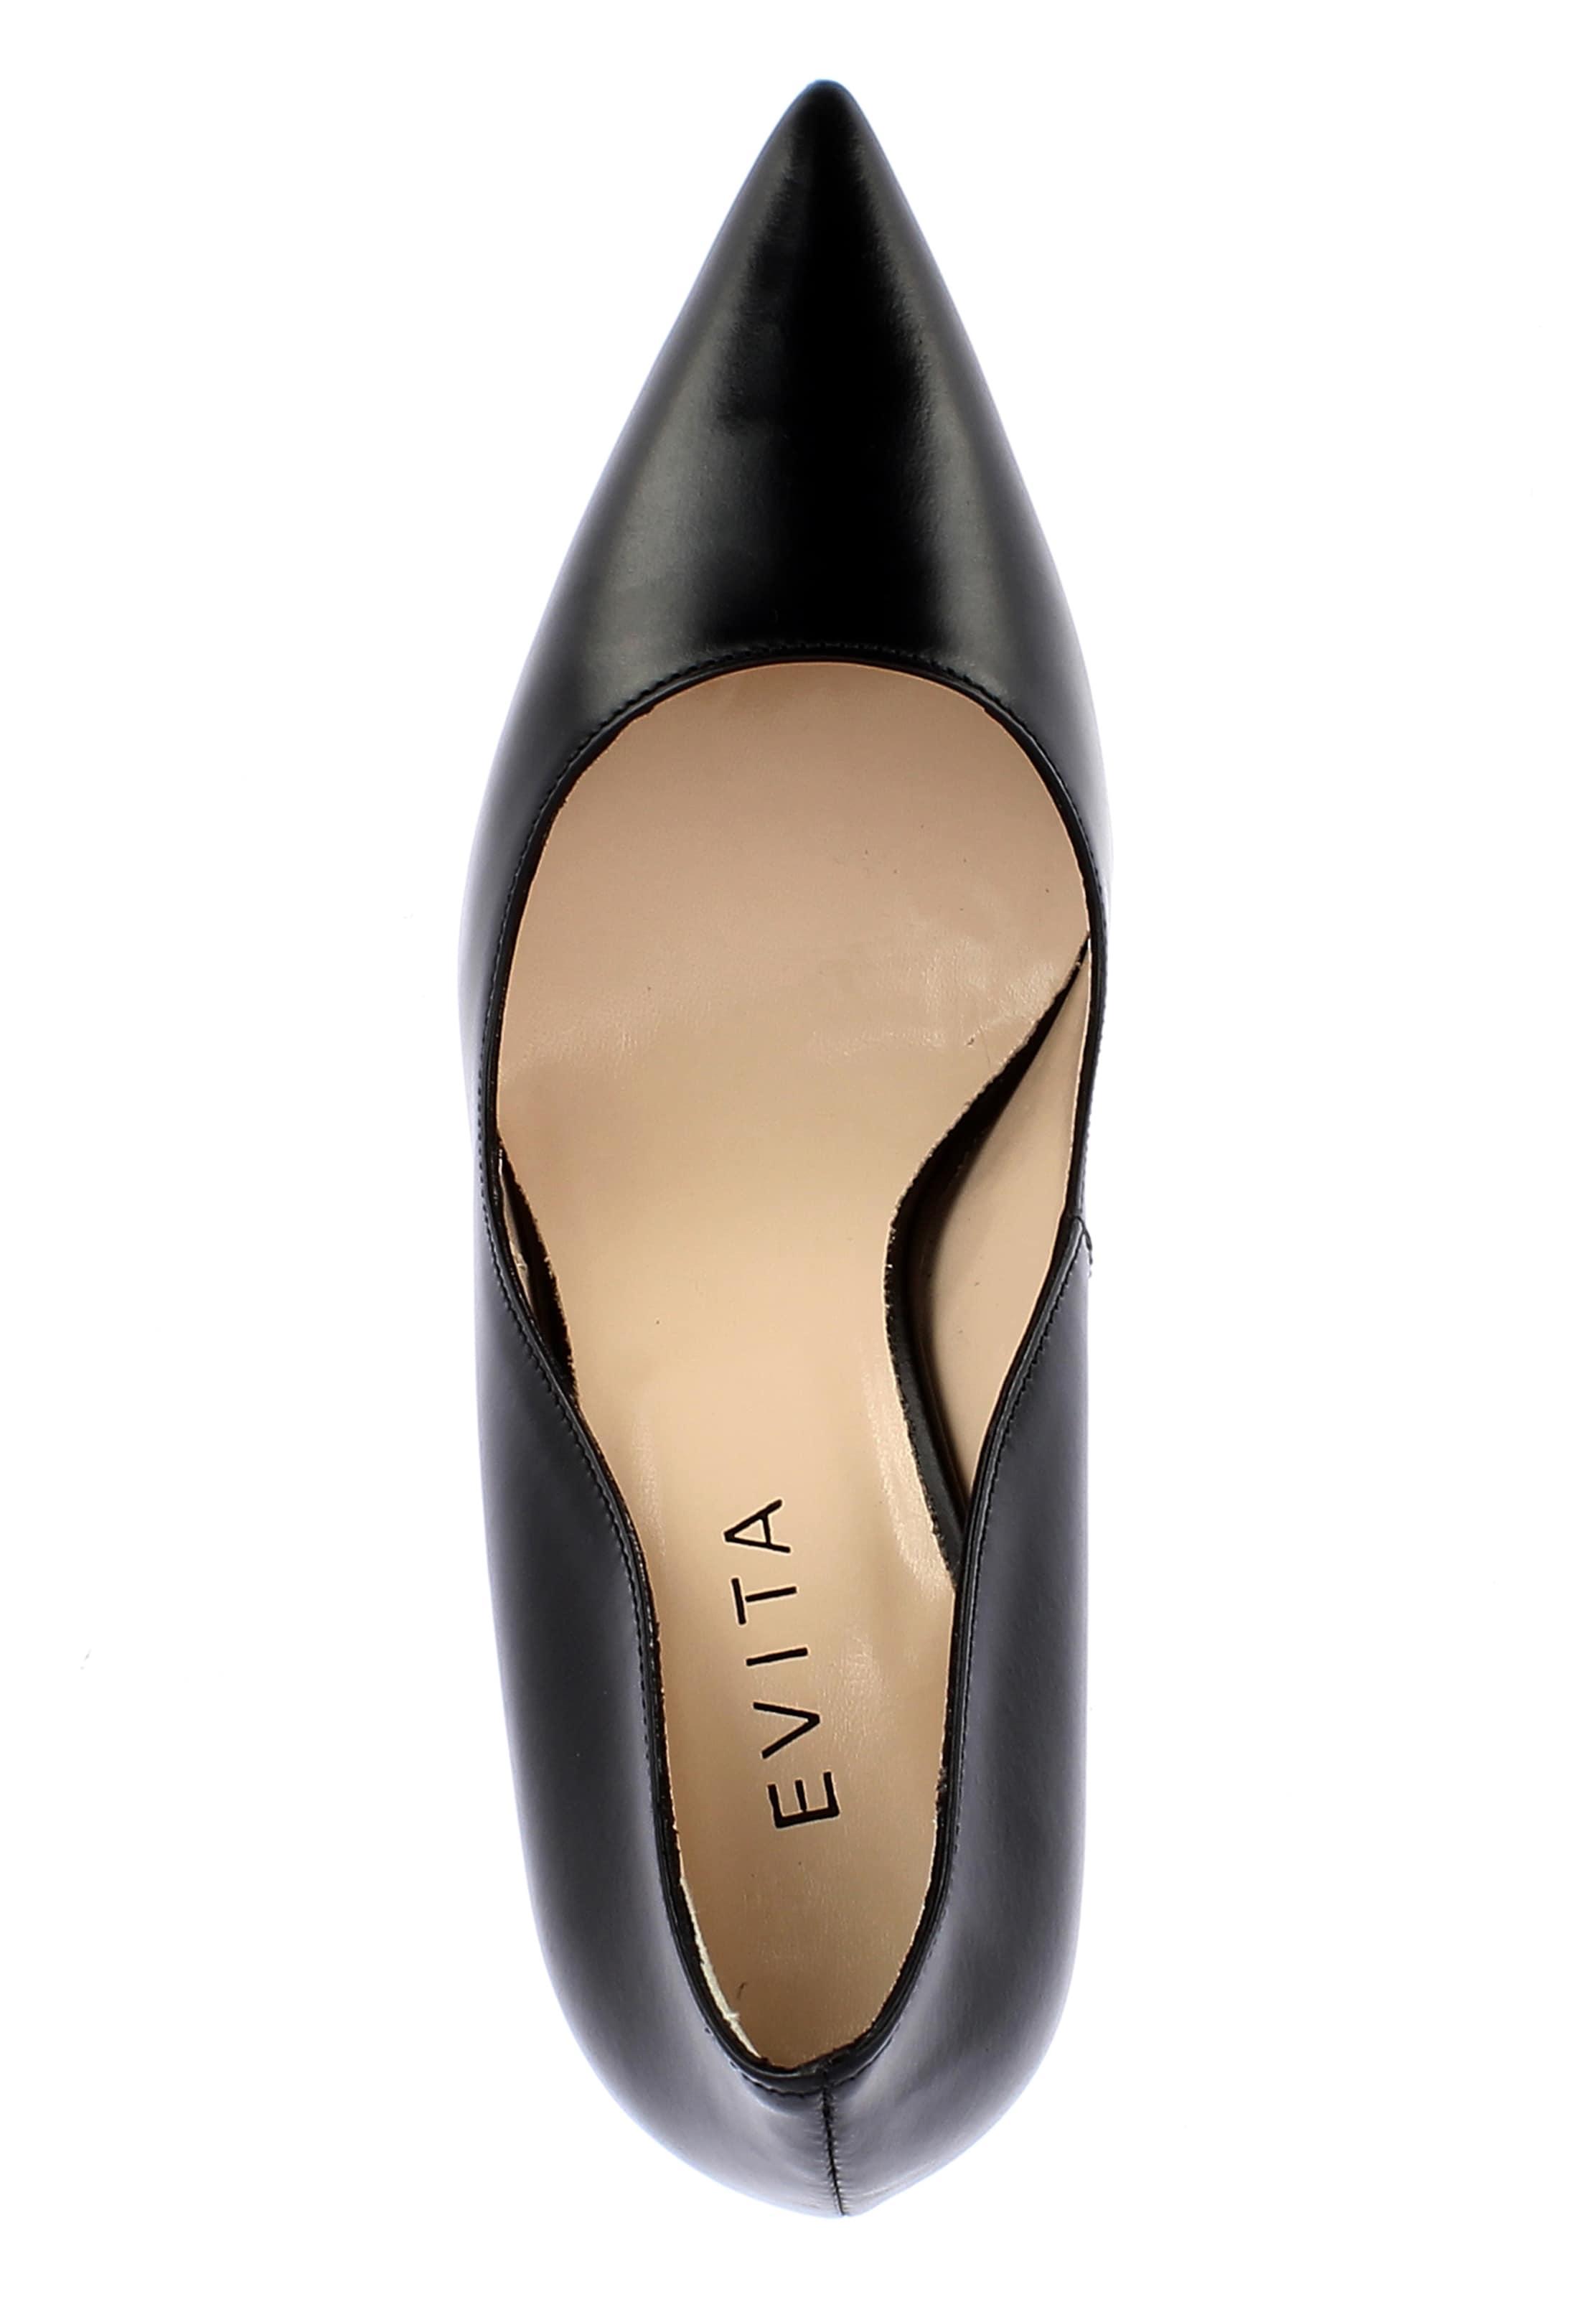 EVITA Pumps In Deutschland Billig Outlet Kaufen Geniue Händler Online Erstaunlicher Preis Verkauf Online Vd5SY